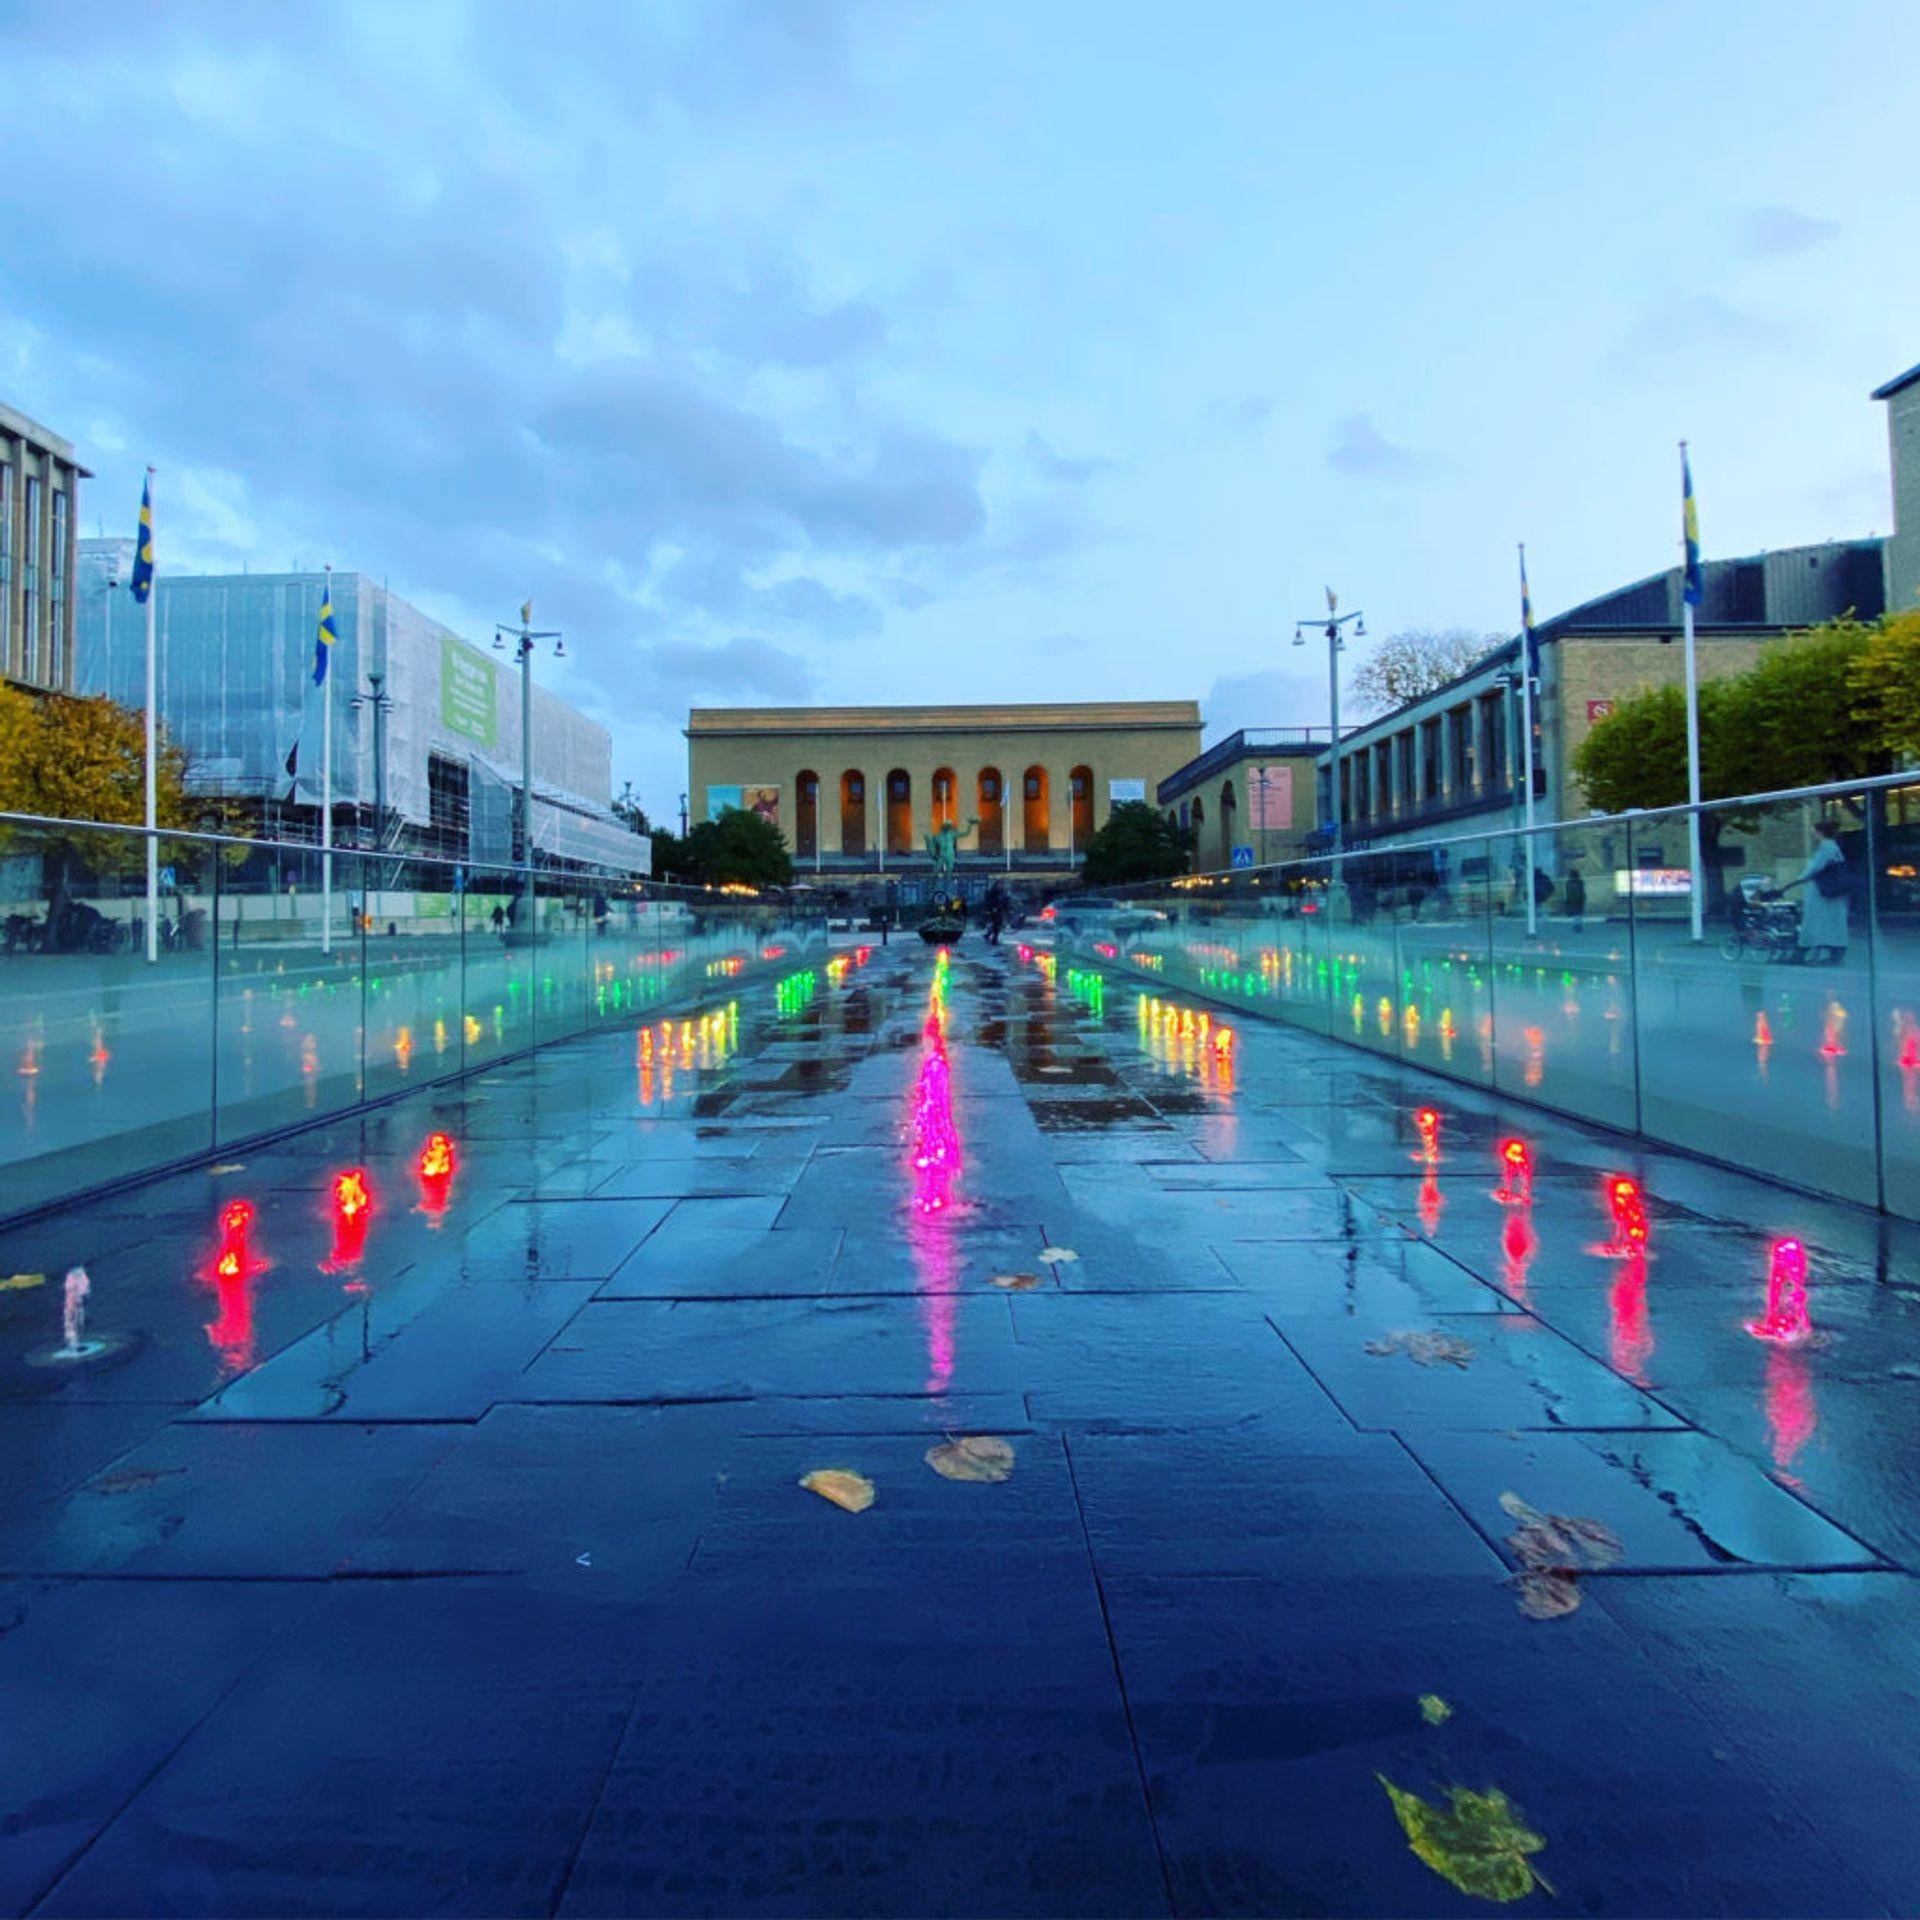 Light installation outside of Gothenburg's art museum.